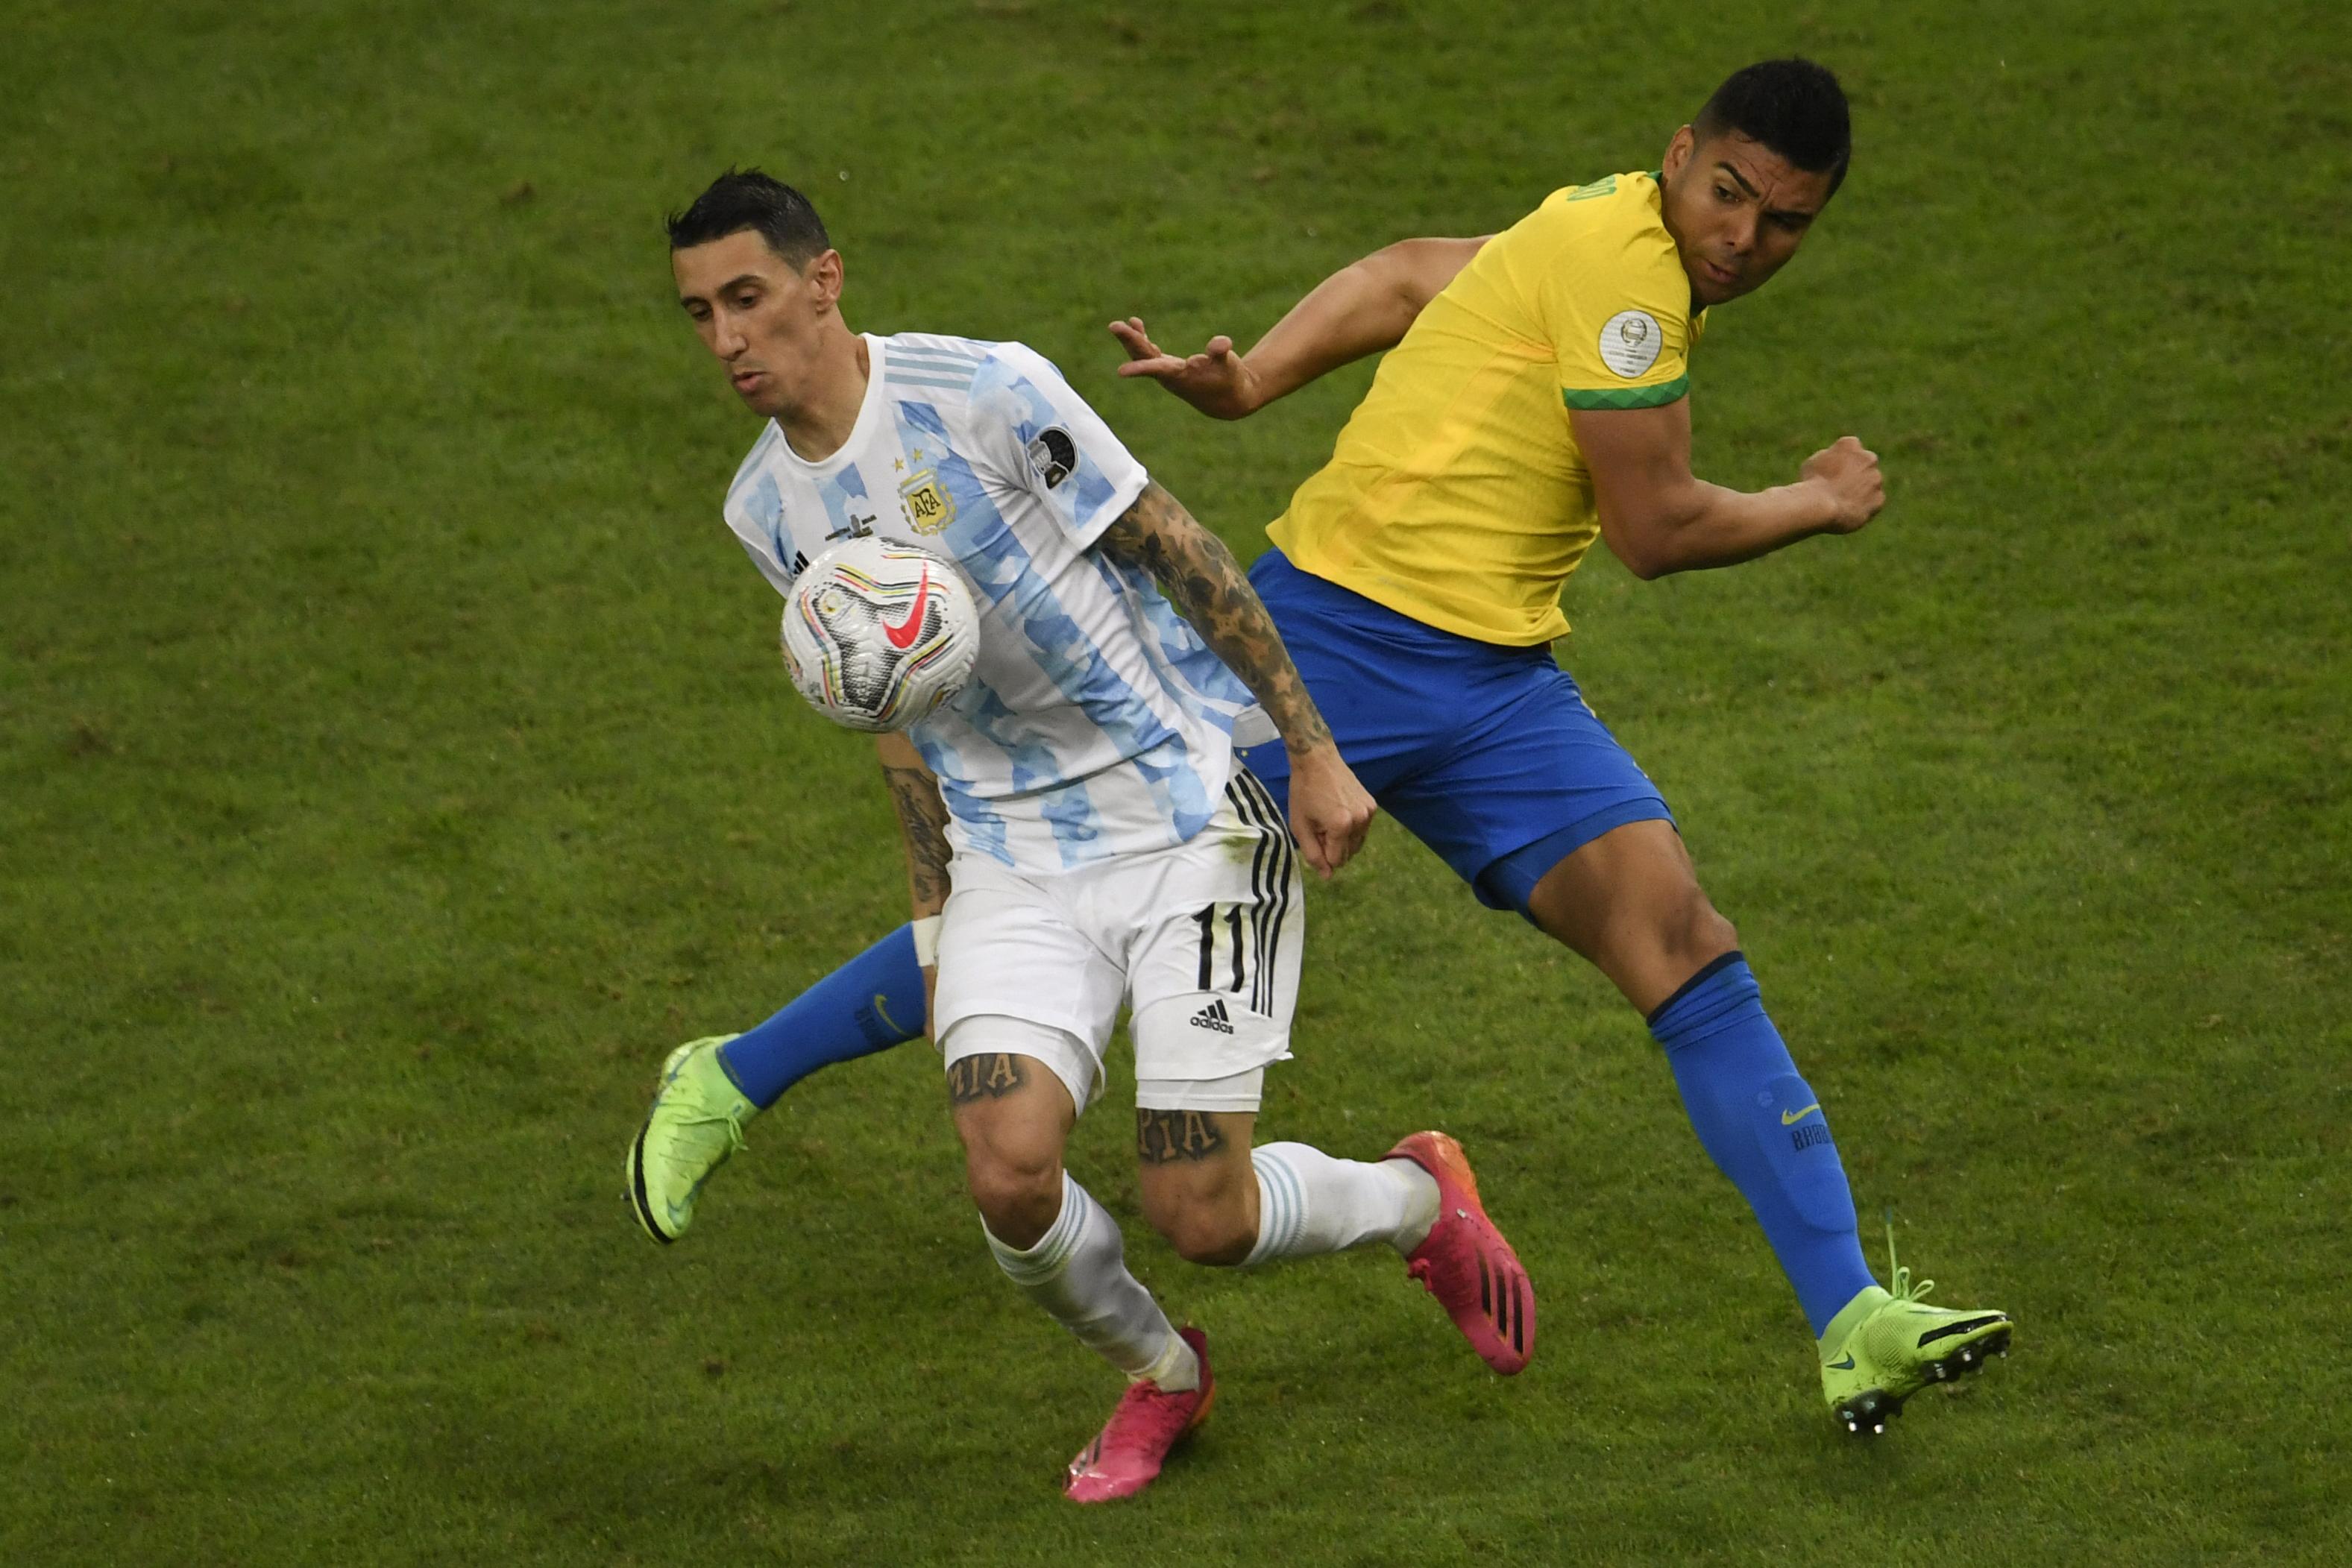 डि मारिया ने लॉन्ग पास पर अर्जेंटीना के लिए बेहतरीन गोल दागा।